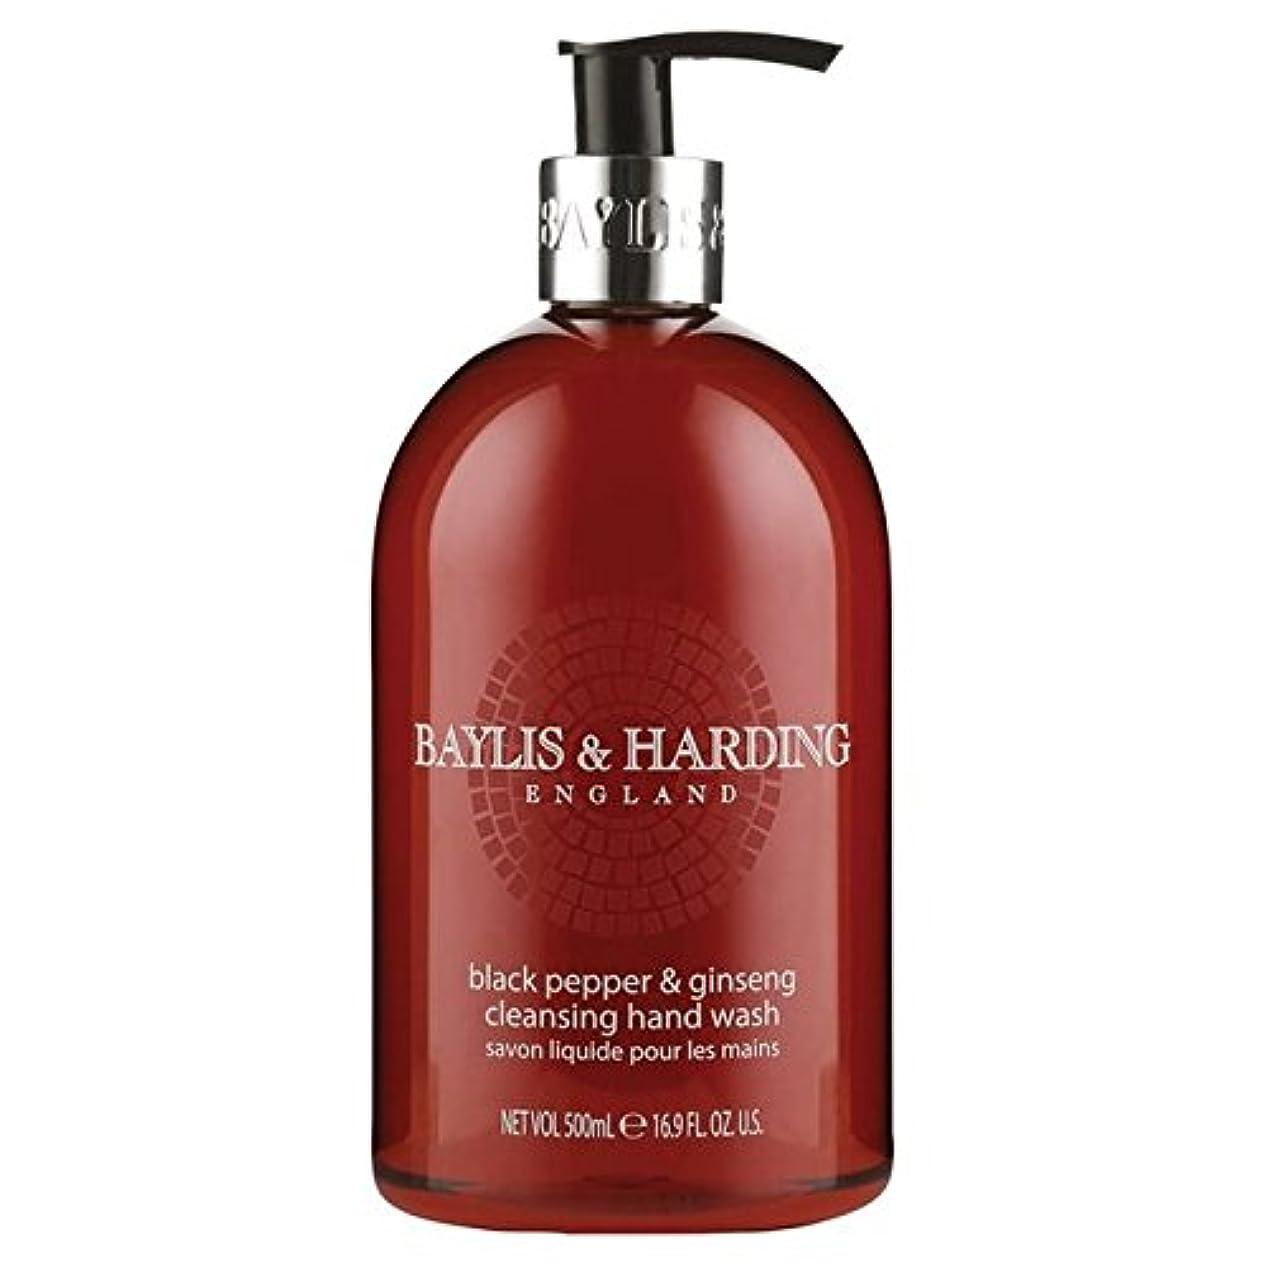 独創的ブッシュ病なBaylis & Harding Black Pepper & Ginseng Hand Wash 500ml - ベイリス&ハーディングブラックペッパー&人参のハンドウォッシュ500ミリリットル [並行輸入品]